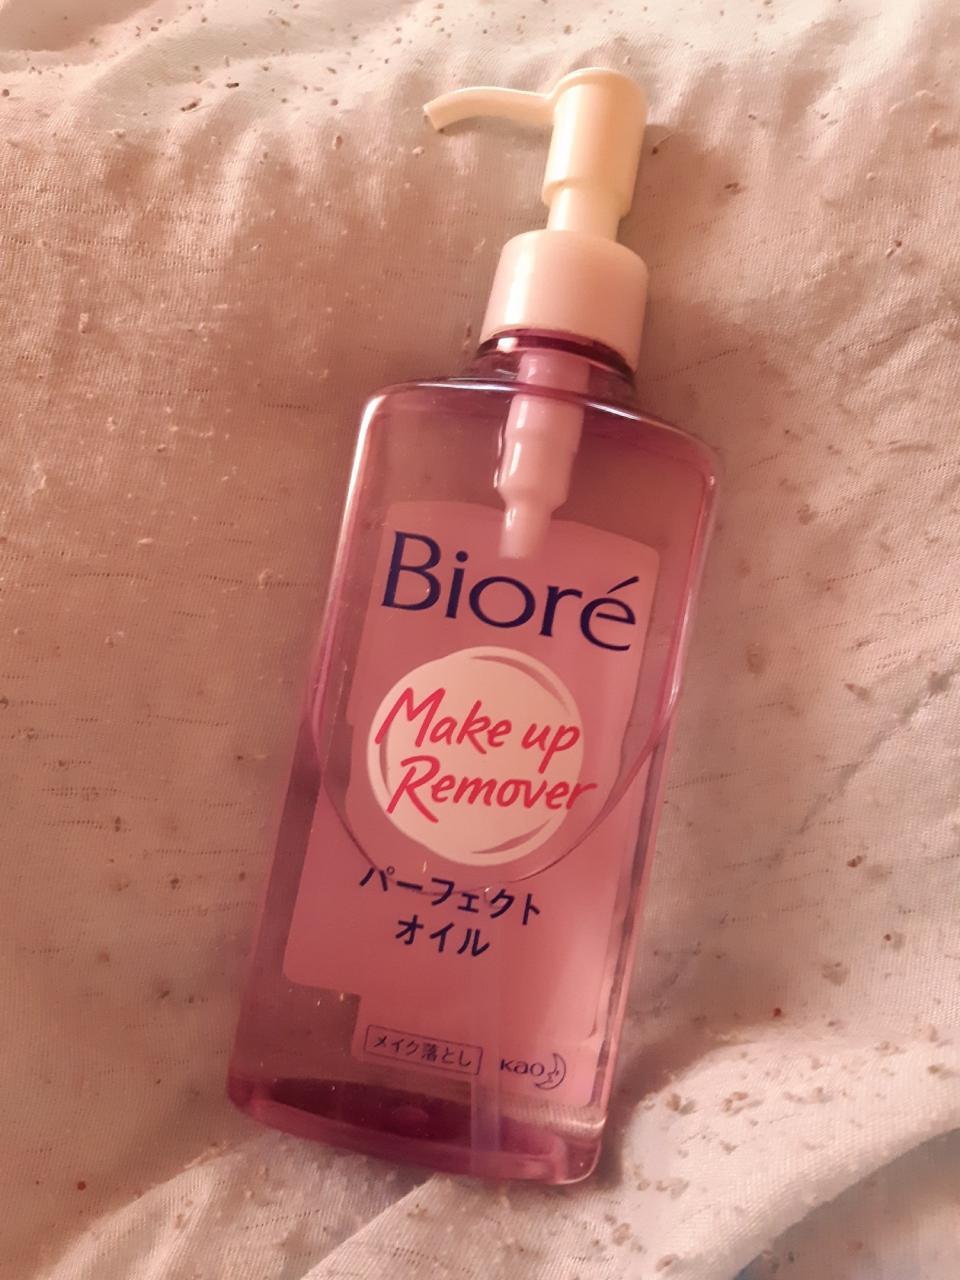 Отзыв на товар: Гидрофильное масло Make Up Remover. Biore. Вид 1 от 1609055860